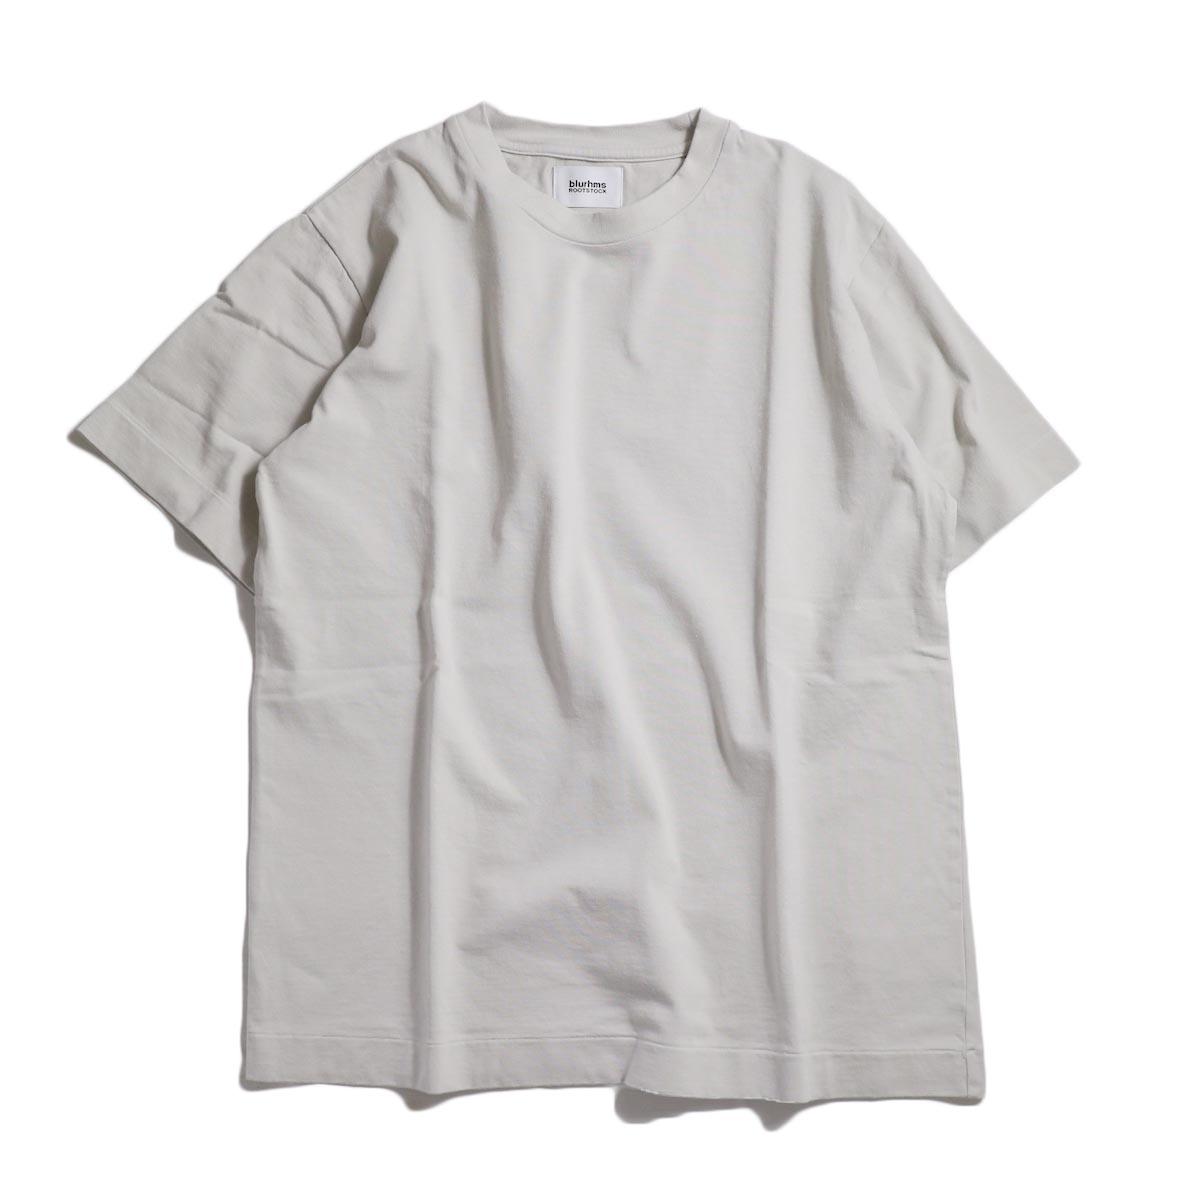 blurhms / Extra Soft Standard Tee -Light Gray